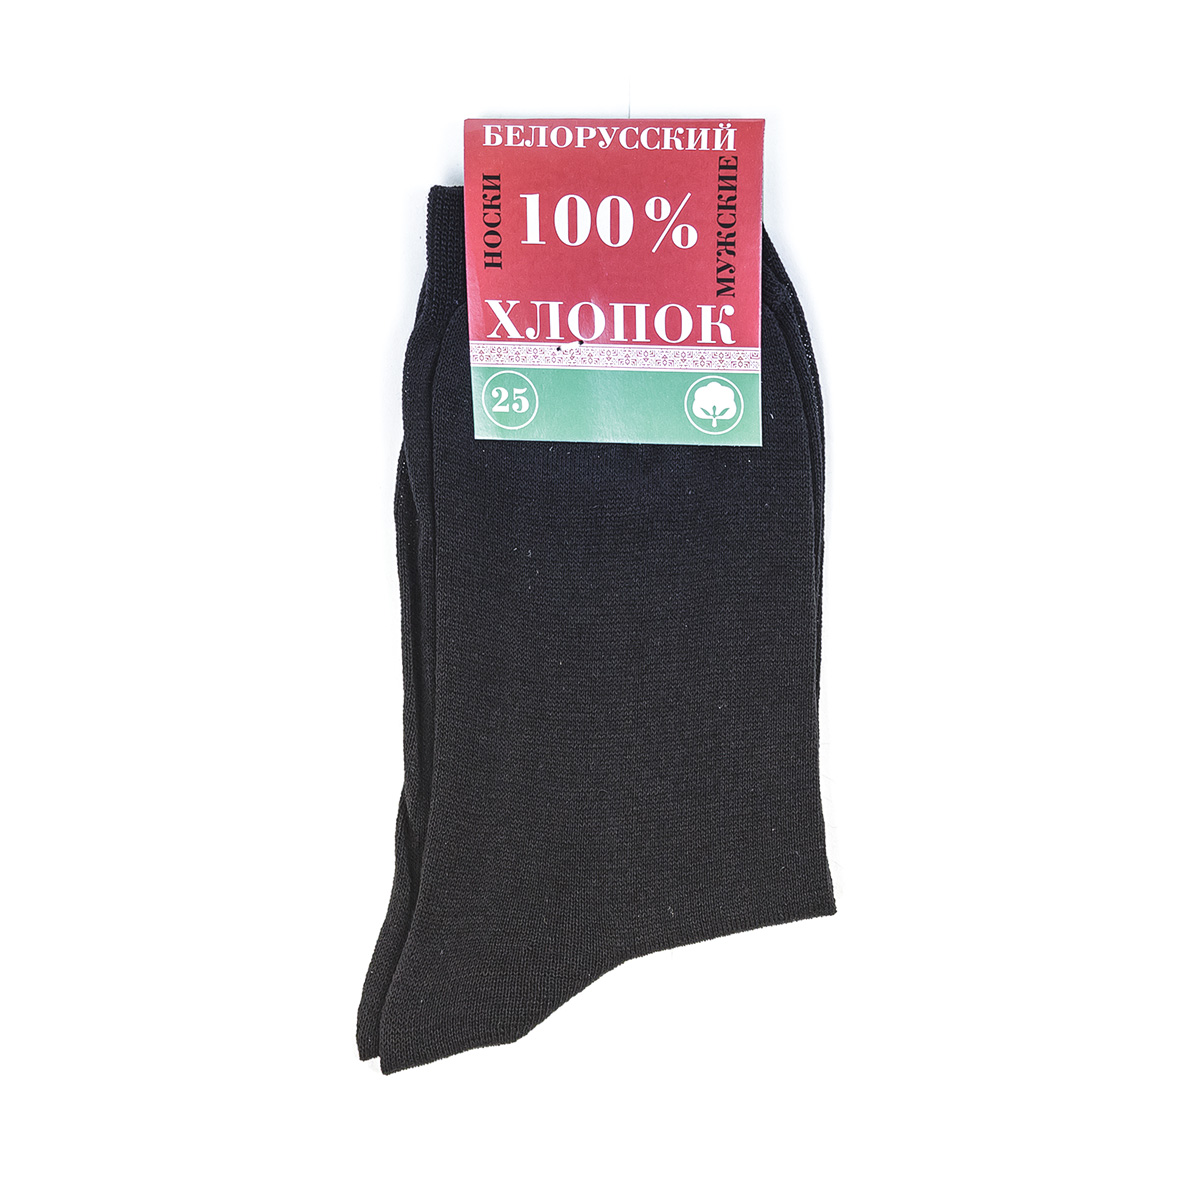 Носки мужские Хлопковые, размер 43-44Носки<br><br><br>Тип: Муж. носки<br>Размер: 43-44<br>Материал: Хлопок